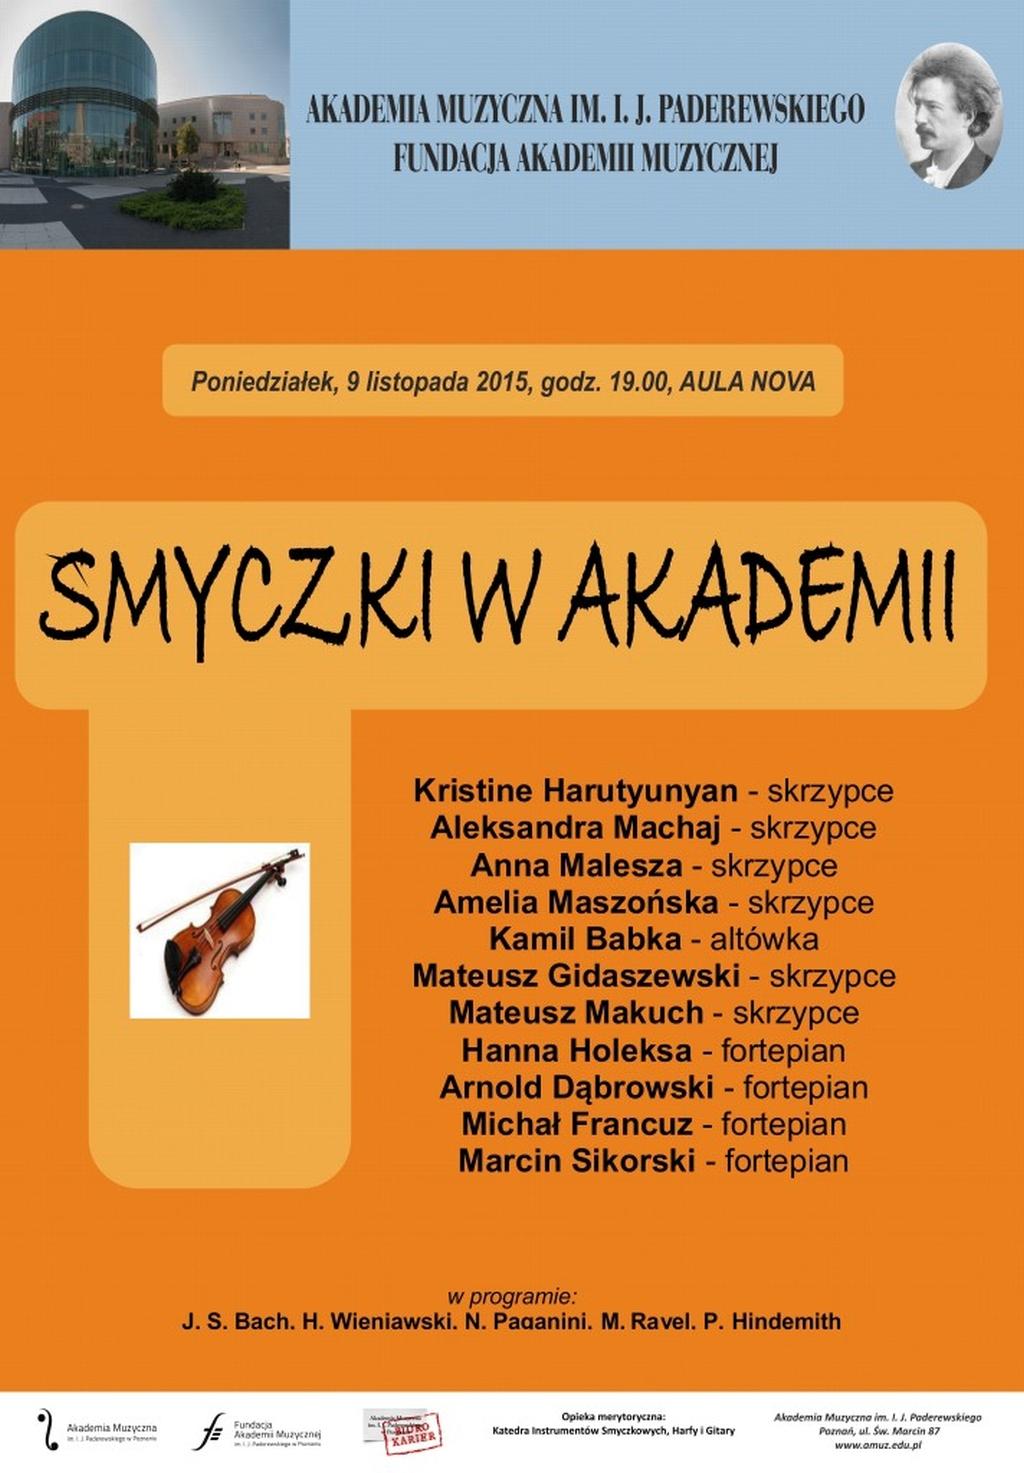 SMYCZKI-W-AKADEMII-9-11-2015-712x1024